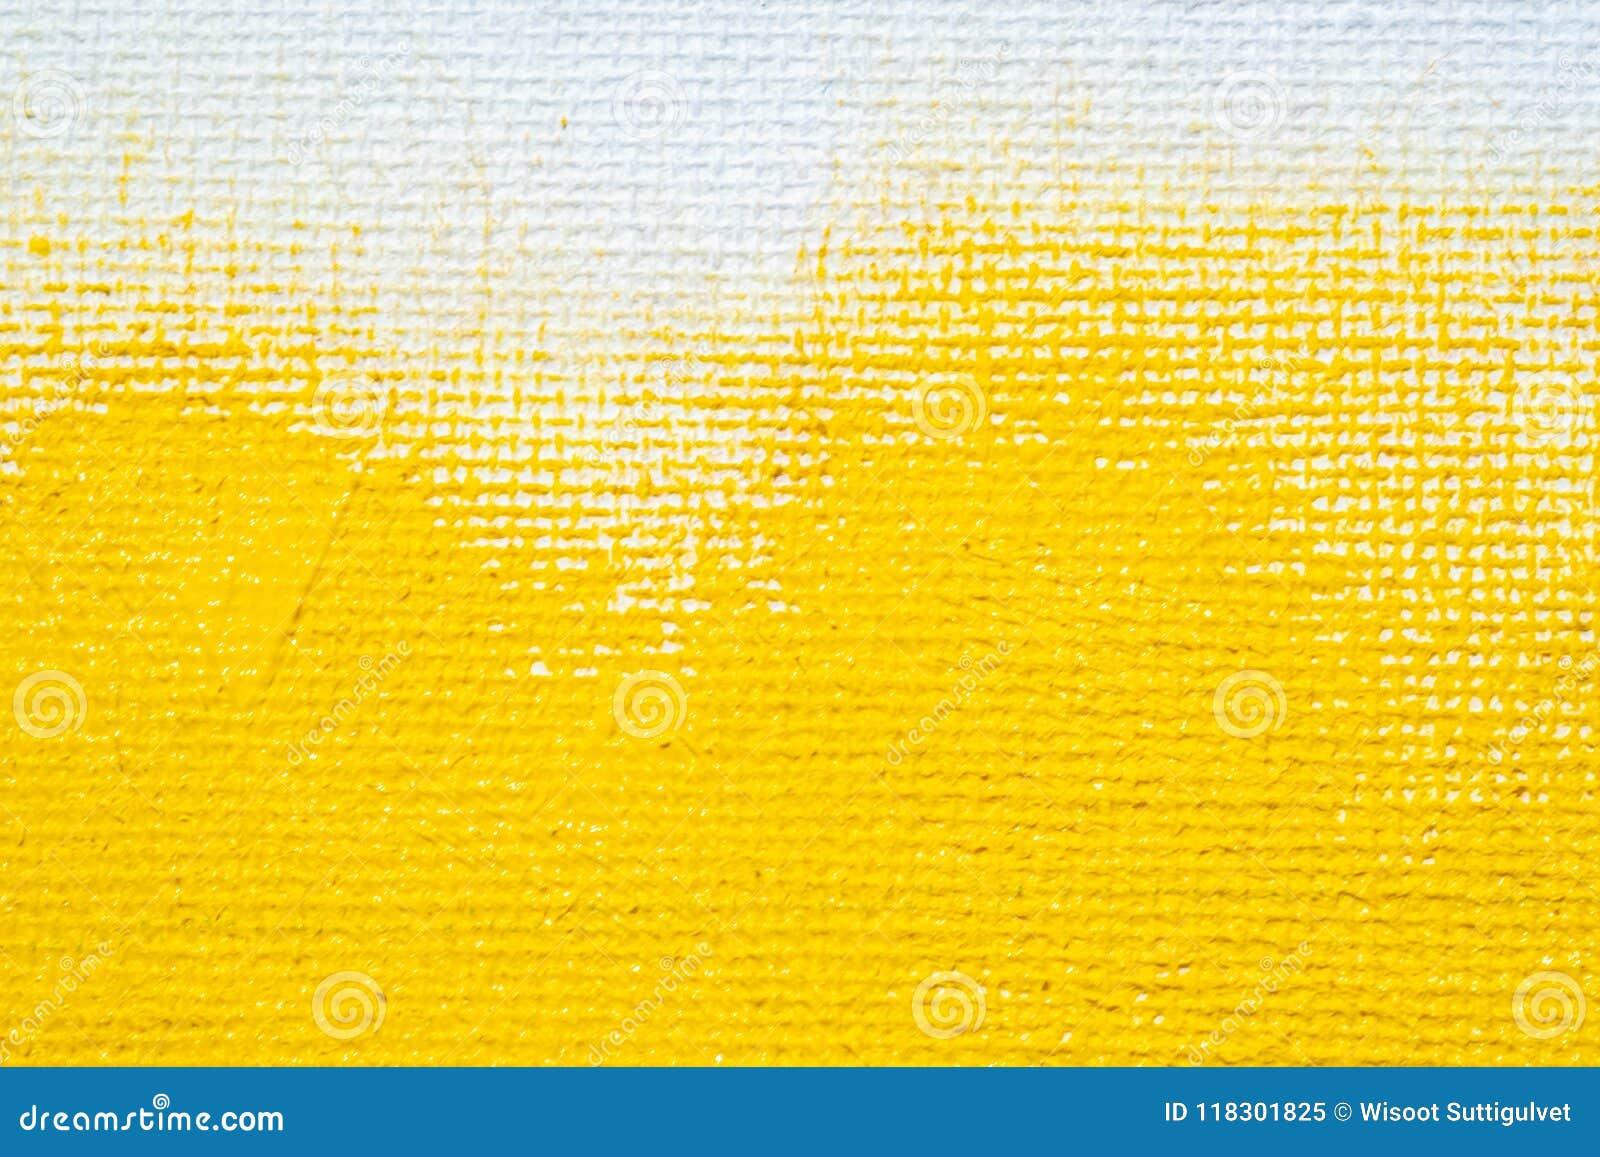 Schmutzgrenzgelbfarbe des abstrakten gelben Hintergrundes umrandet weiße mit weißem Segeltuch, Weinleseschmutz-Hintergrundbeschaf